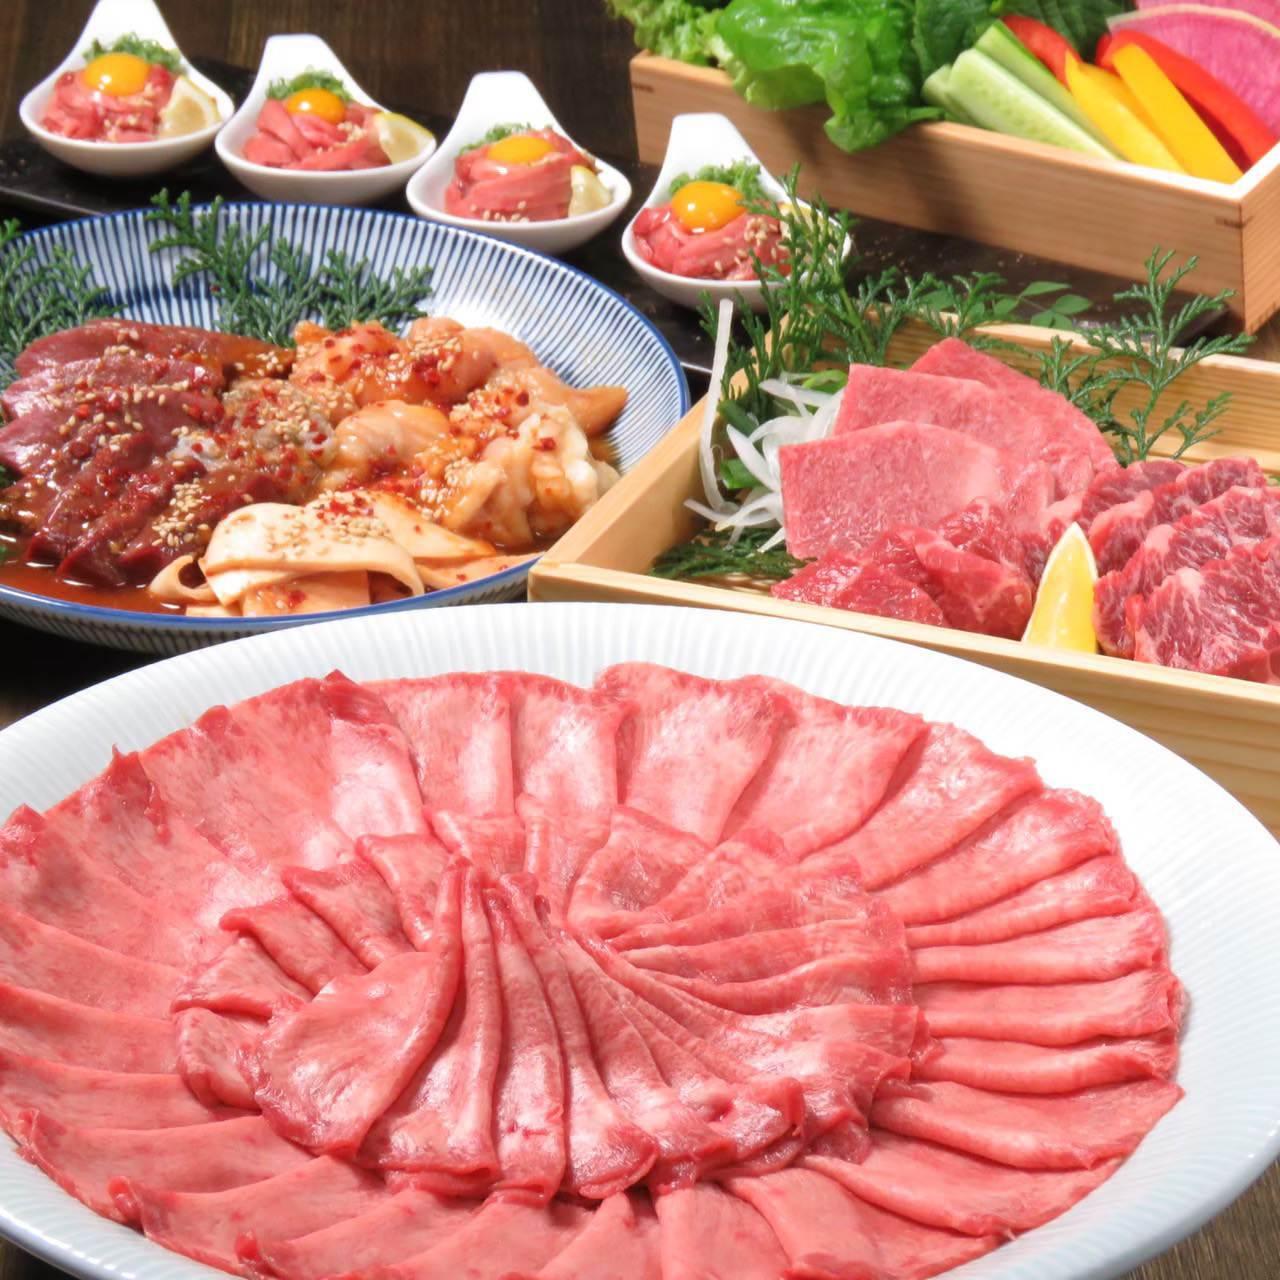 大阪焼肉 ミナミ 梅田店